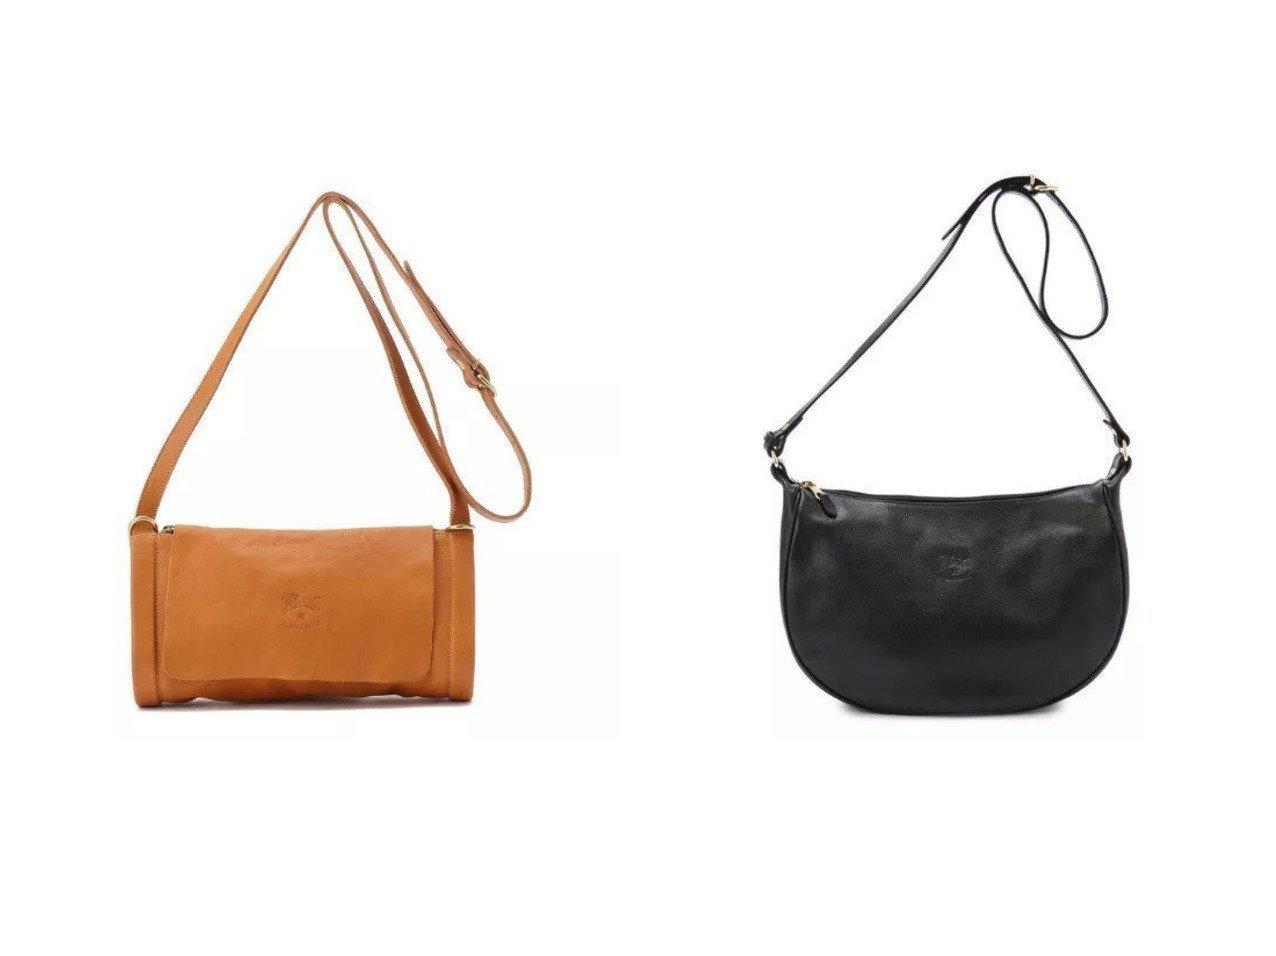 【IL BISONTE/イル ビゾンテ】のショルダーバッグ&ショルダーバッグ 【バッグ・鞄】おすすめ!人気、トレンド・レディースファッションの通販 おすすめで人気の流行・トレンド、ファッションの通販商品 インテリア・家具・メンズファッション・キッズファッション・レディースファッション・服の通販 founy(ファニー) https://founy.com/ ファッション Fashion レディースファッション WOMEN バッグ Bag ポシェット ユーズド 人気 定番 Standard フォルム ラウンド  ID:crp329100000047567